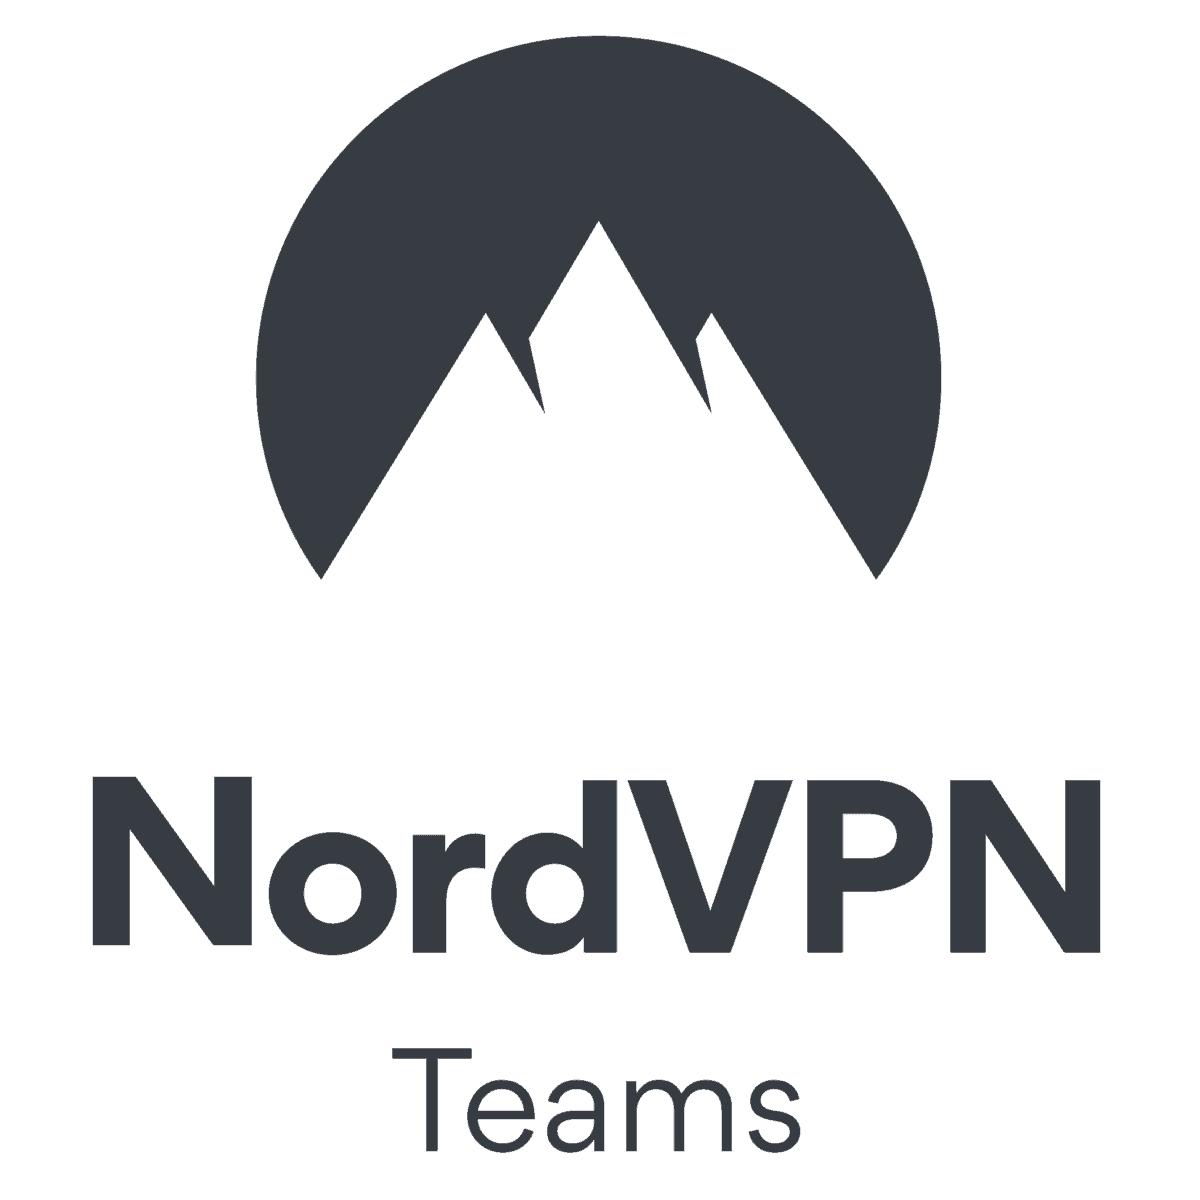 nordvpn teams 1587021651 logo